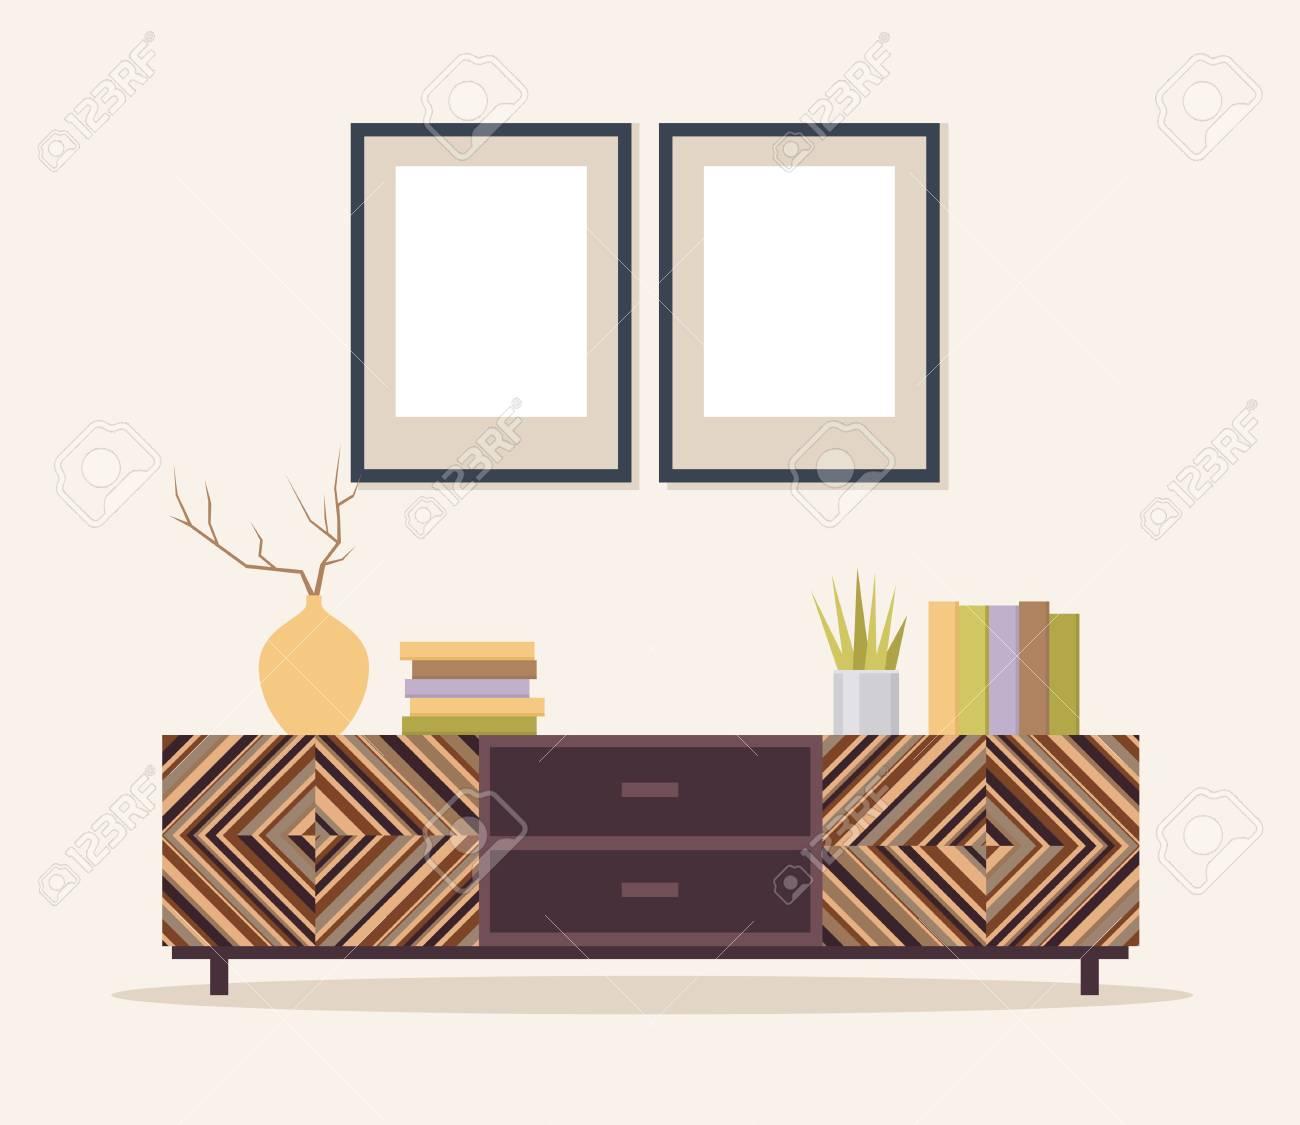 Illustration d\'un salon moderne avec armoire et peintures Intérieur avec  mobilier classique. Design plat, style minimaliste. Illustrateur de vecteur.